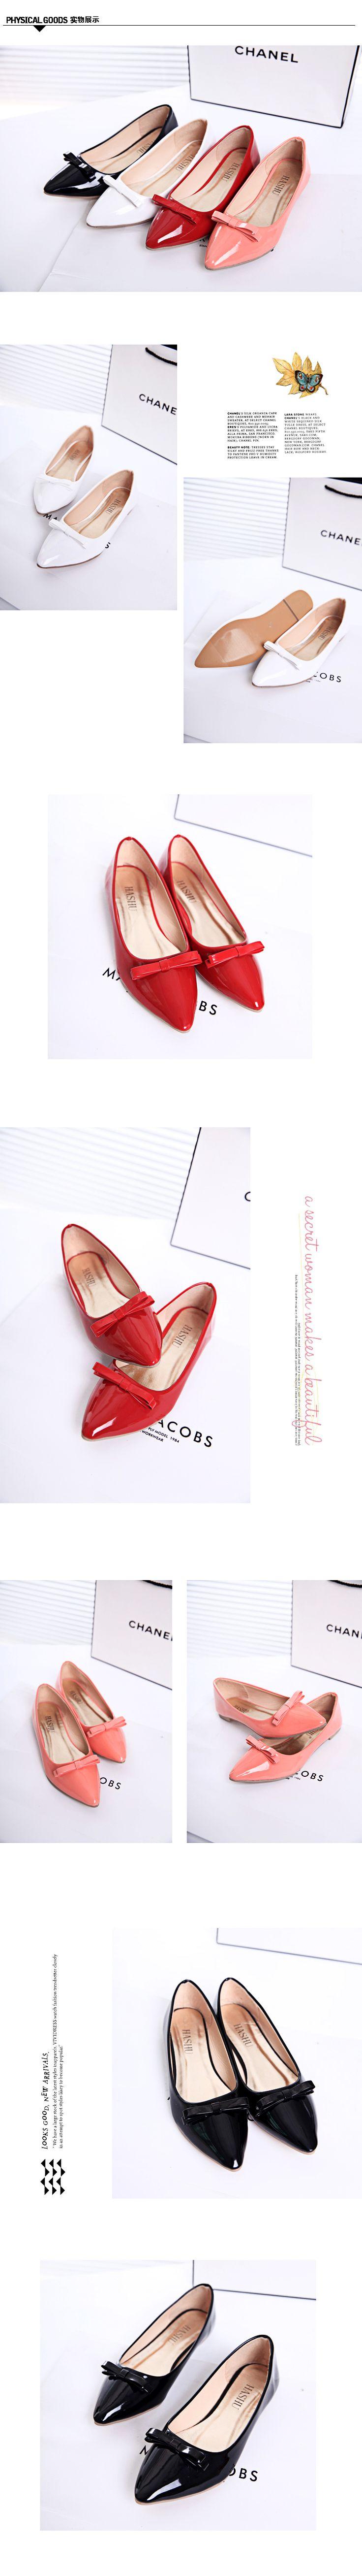 2014 осенние новые туфли мелкой ротовой лук плоские туфли лодка совок плоским заостренным черные ботинки женщин больших размеров обуви - Taobao